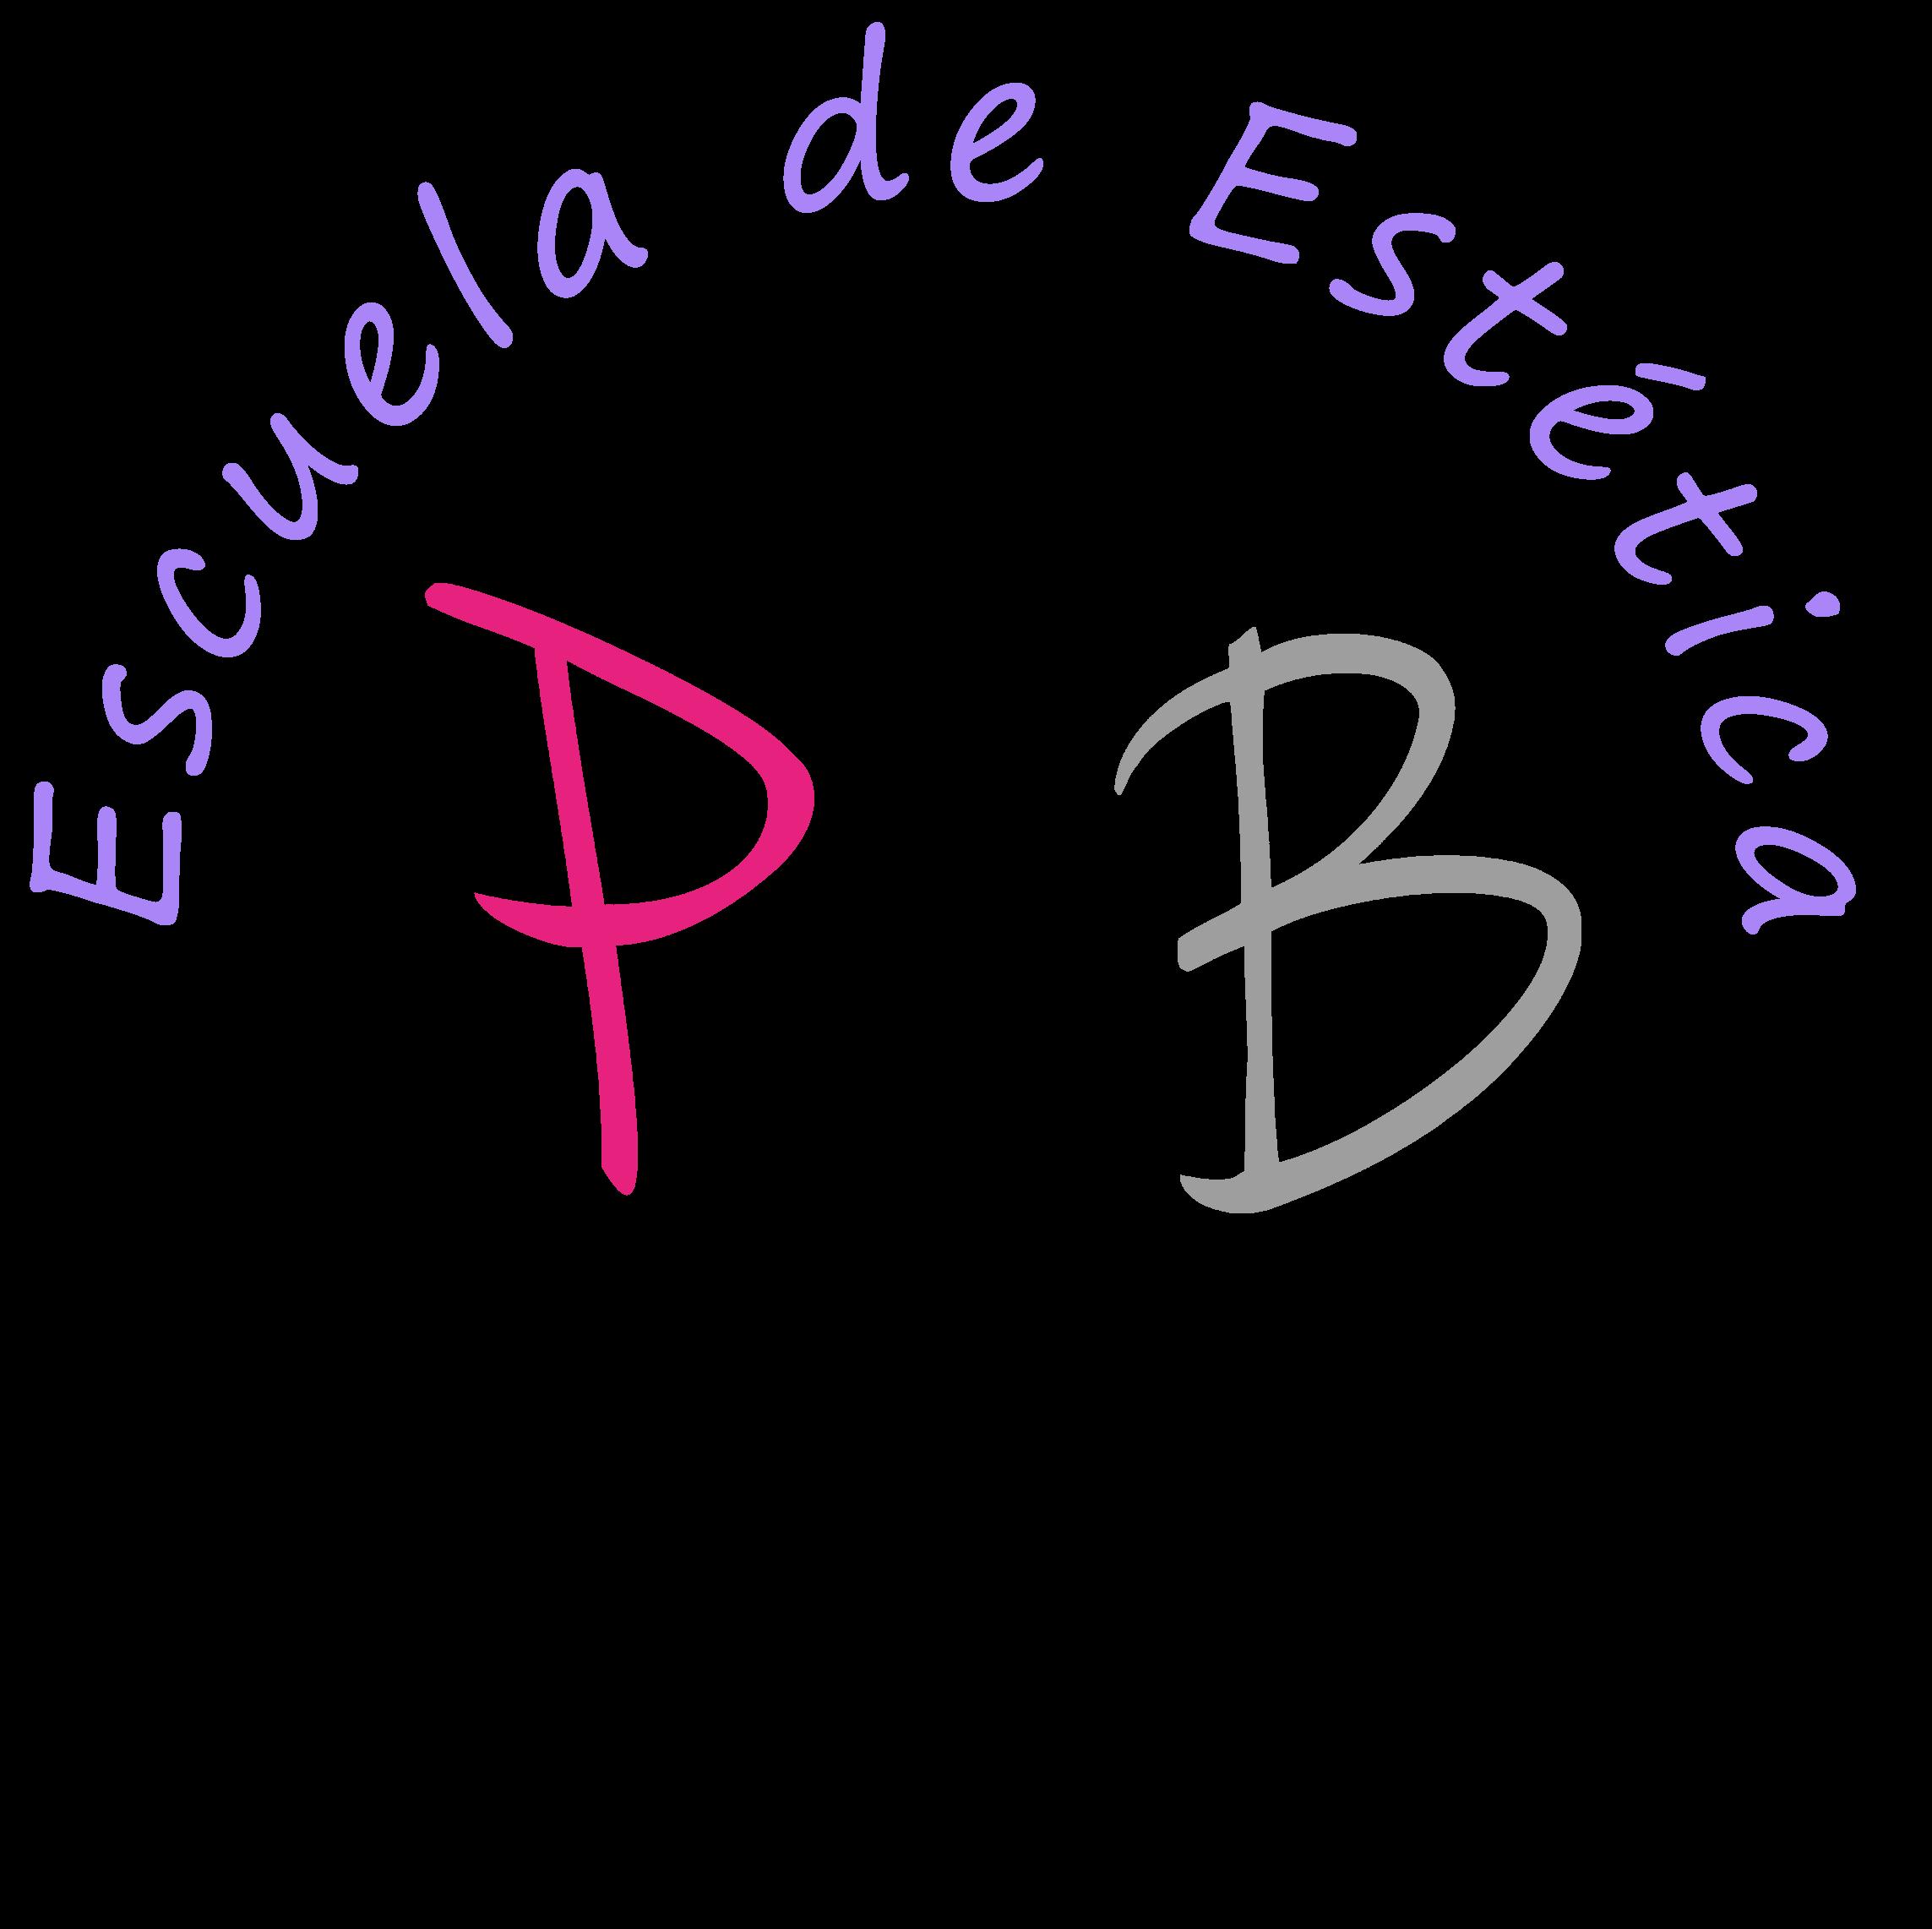 Escuela PB